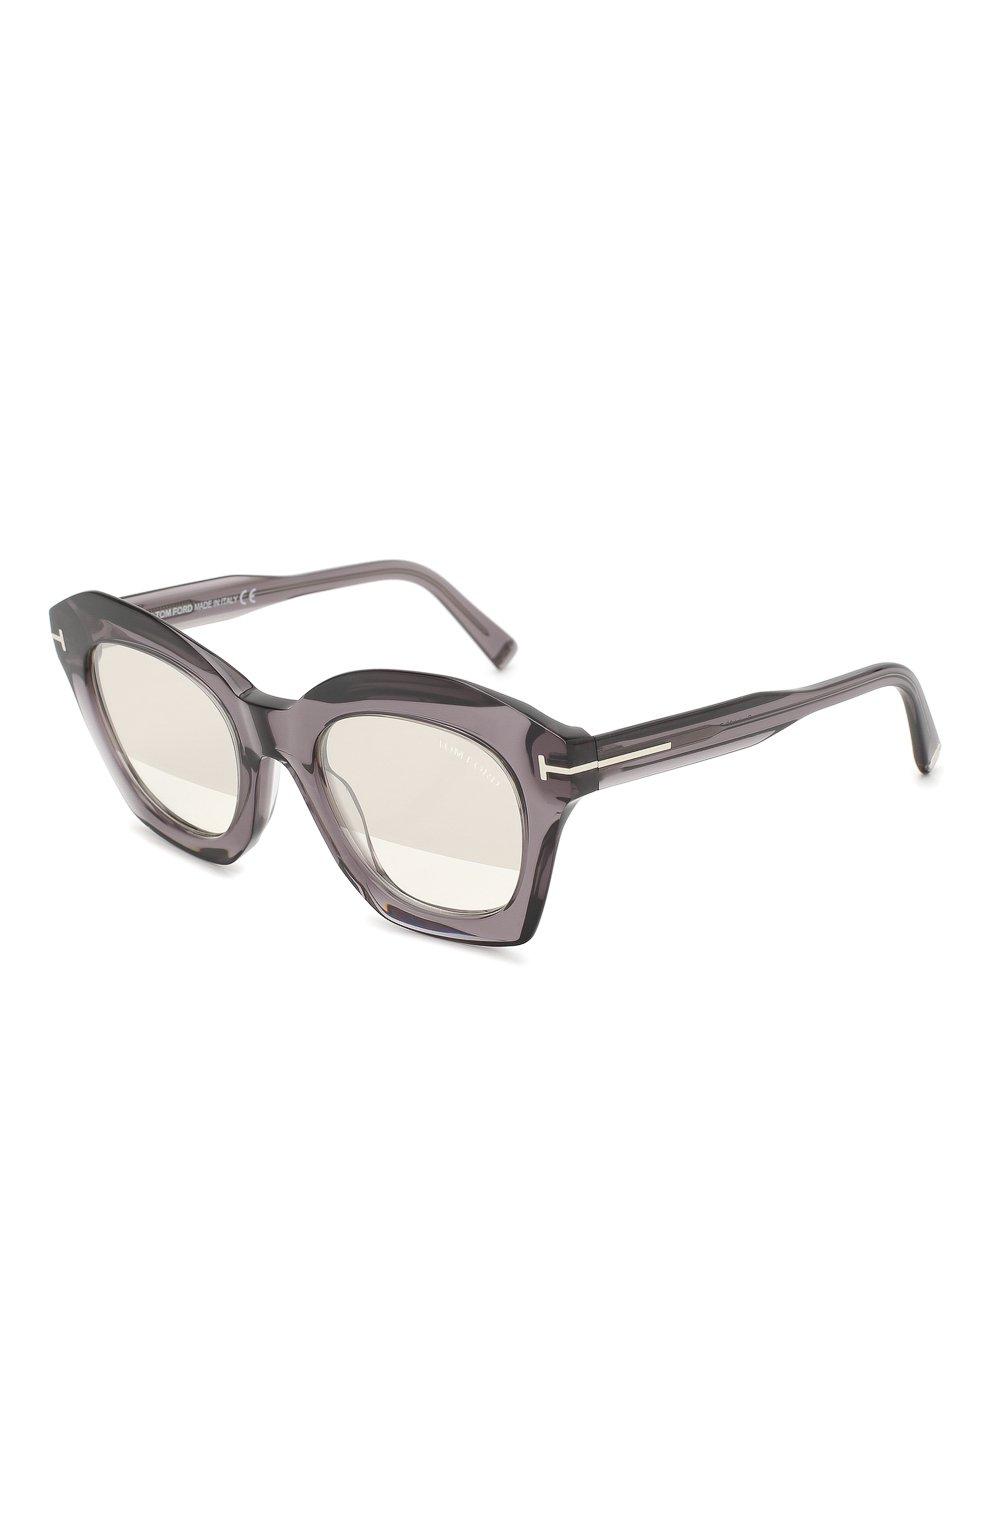 Женские солнцезащитные очки TOM FORD серого цвета, арт. TF689 20C | Фото 1